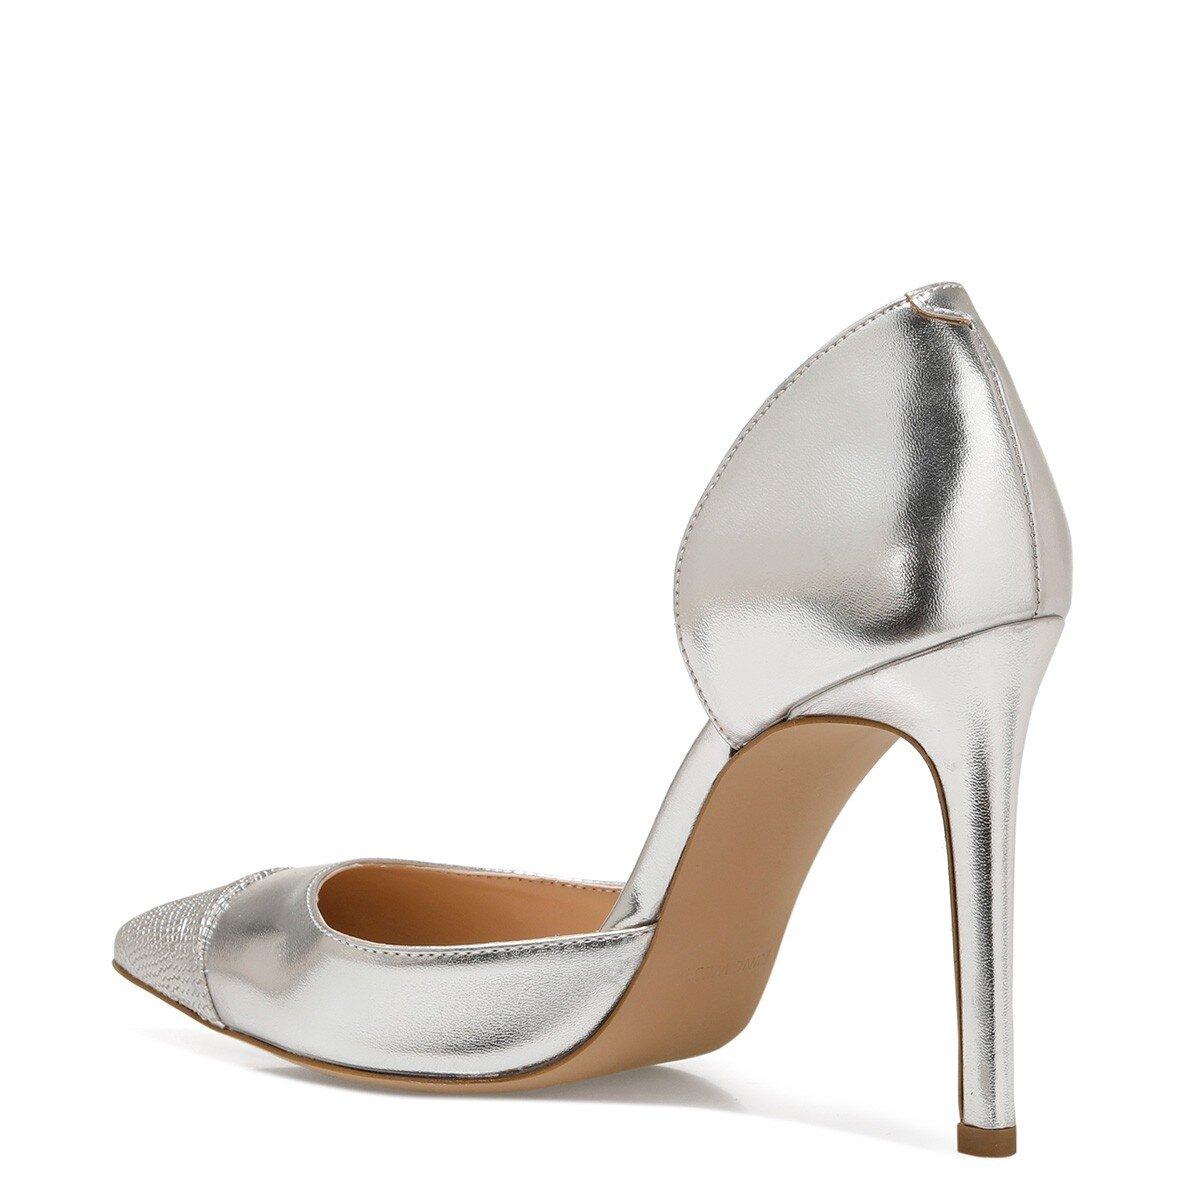 MERNANI 1FX Gümüş Kadın Gova Ayakkabı